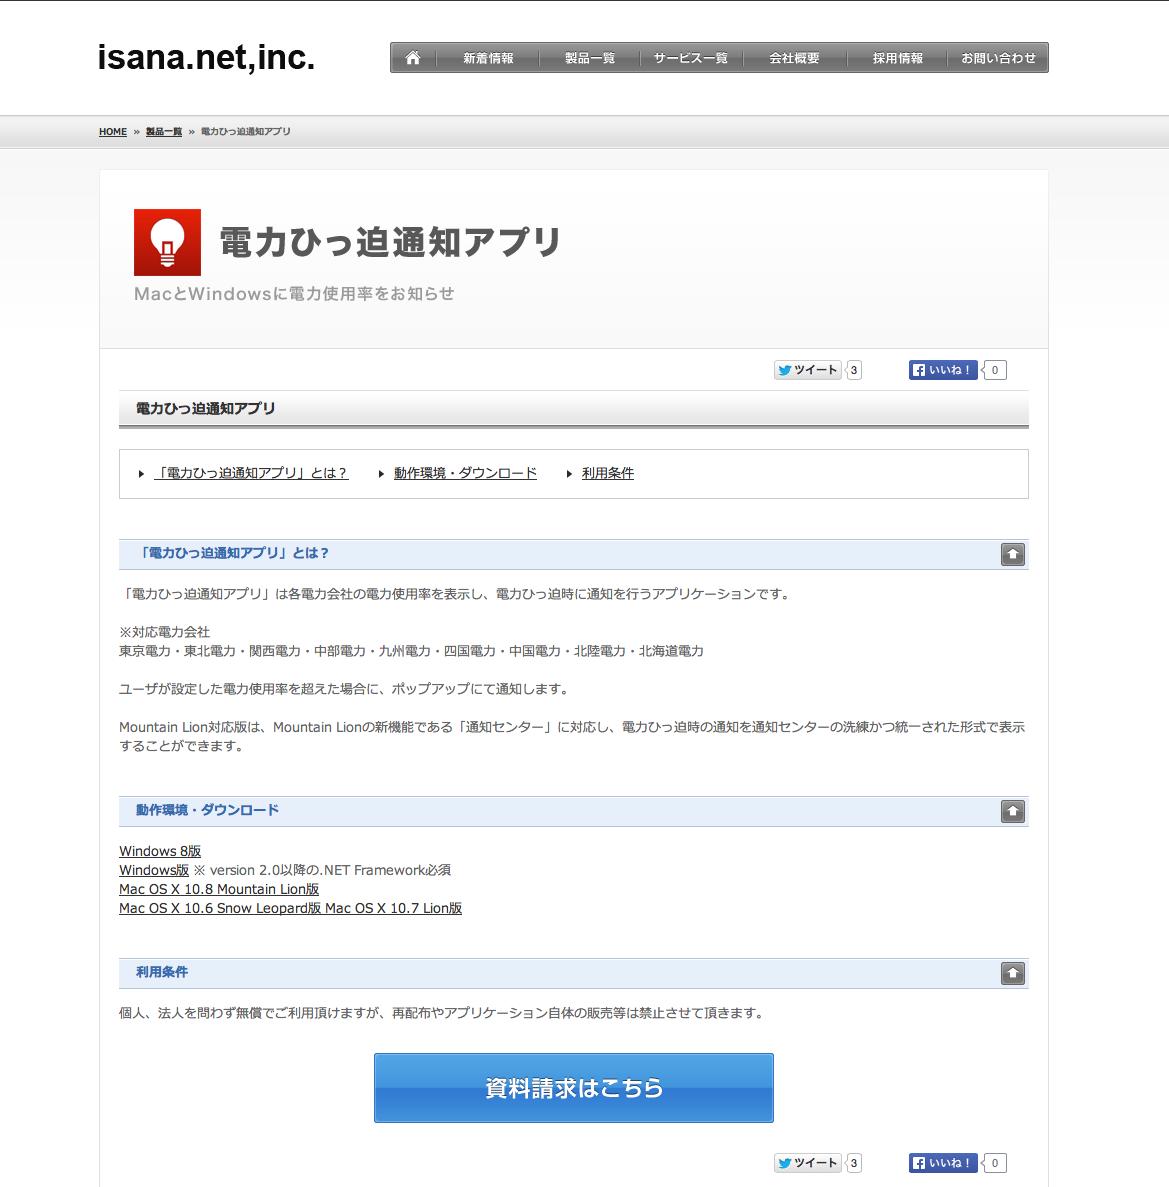 スクリーンショット 2014-04-15 11.53.19.png